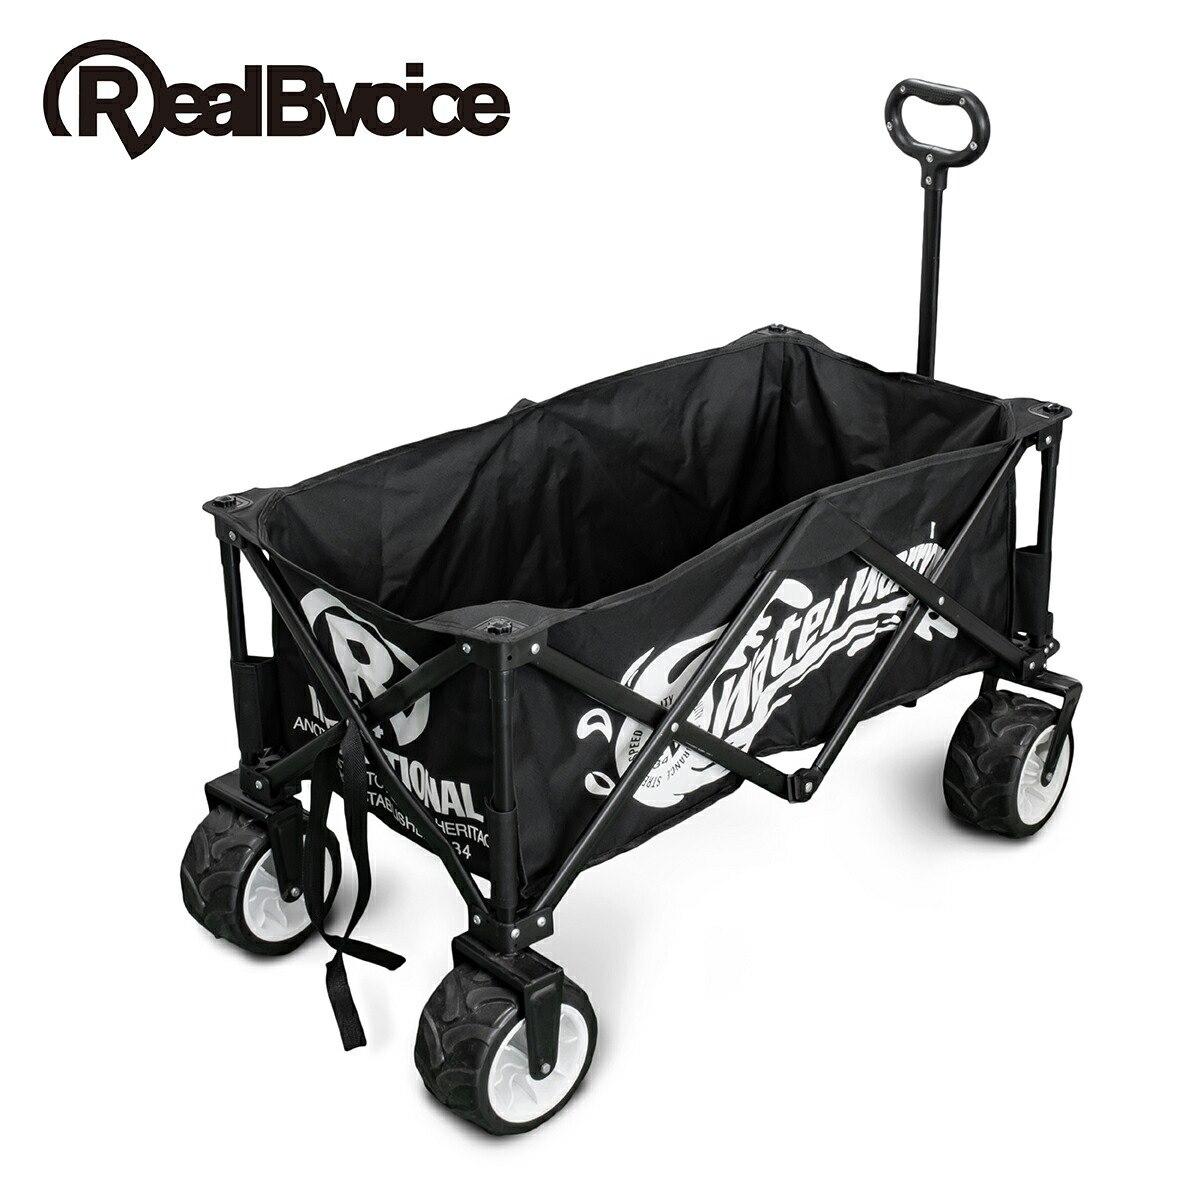 リアルビーボイス RealBvoice キャリーカート キャリーワゴン アウトドア 折り畳み キャンプ RBV OUTDOOR CARRY WAGON